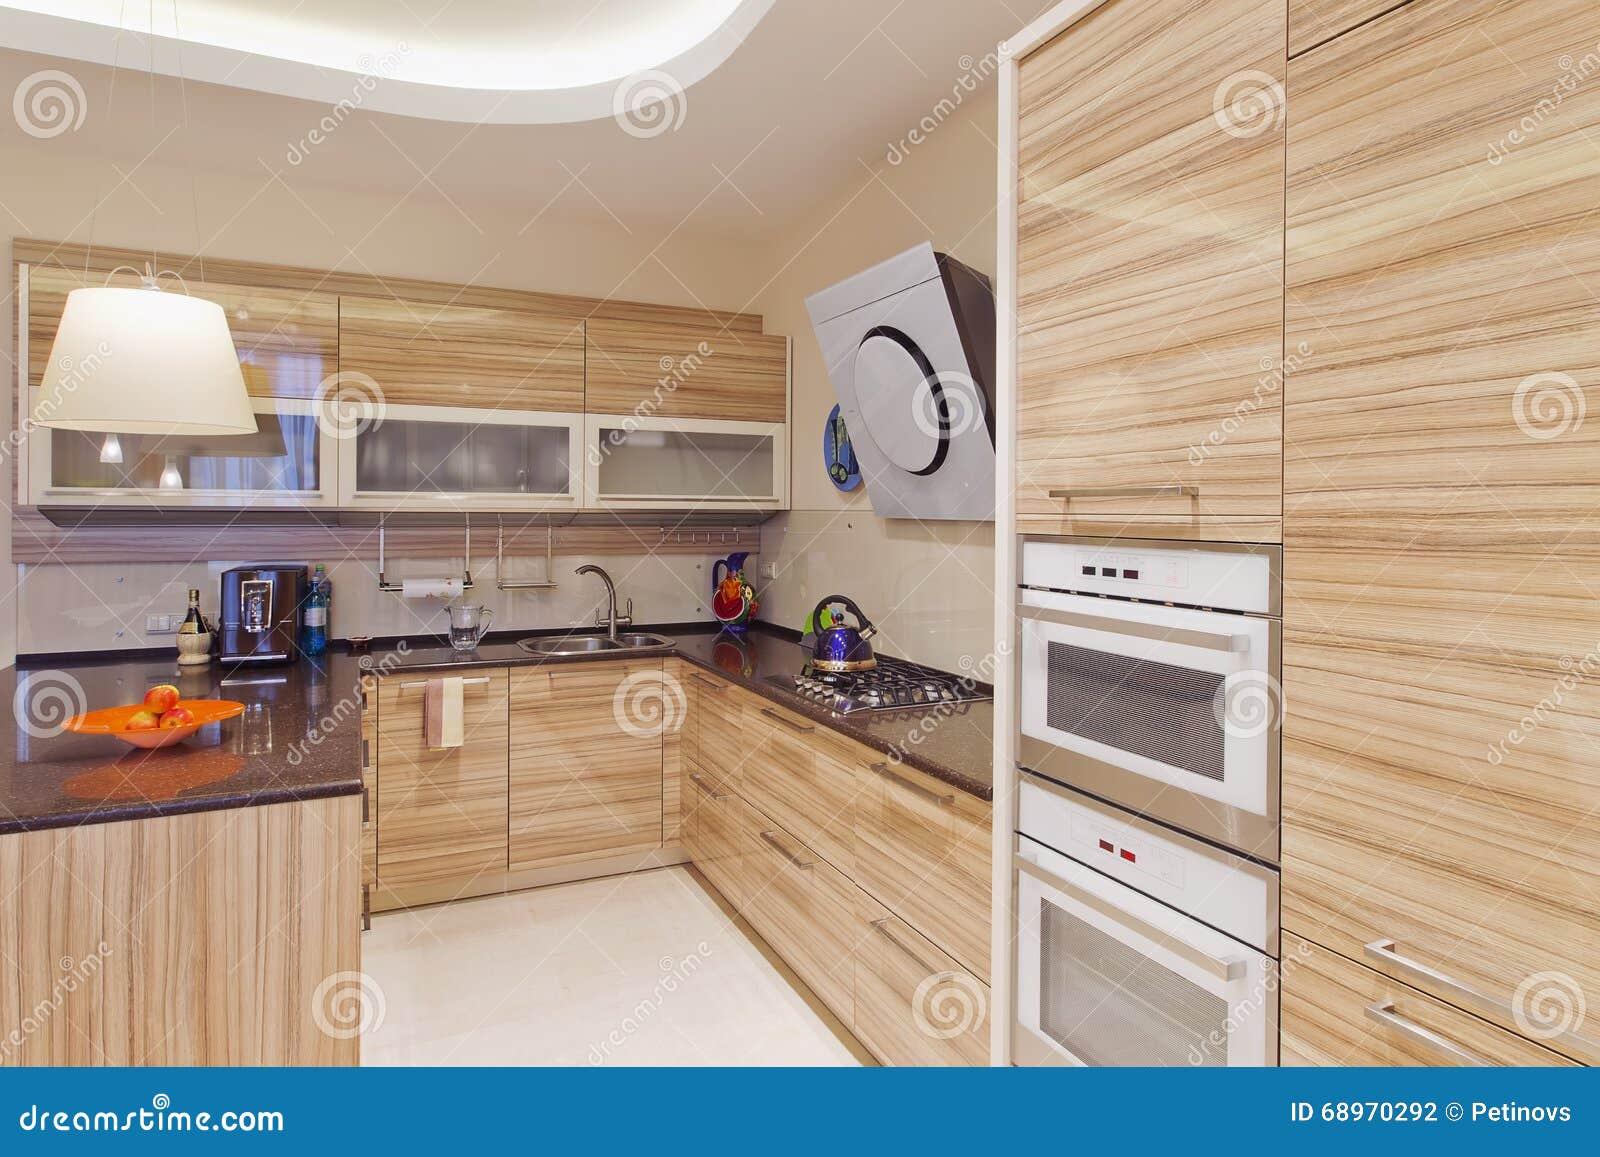 Küche Im Luxushaus Mit Großer Mittelinsel Stockfoto - Bild von möbel ...